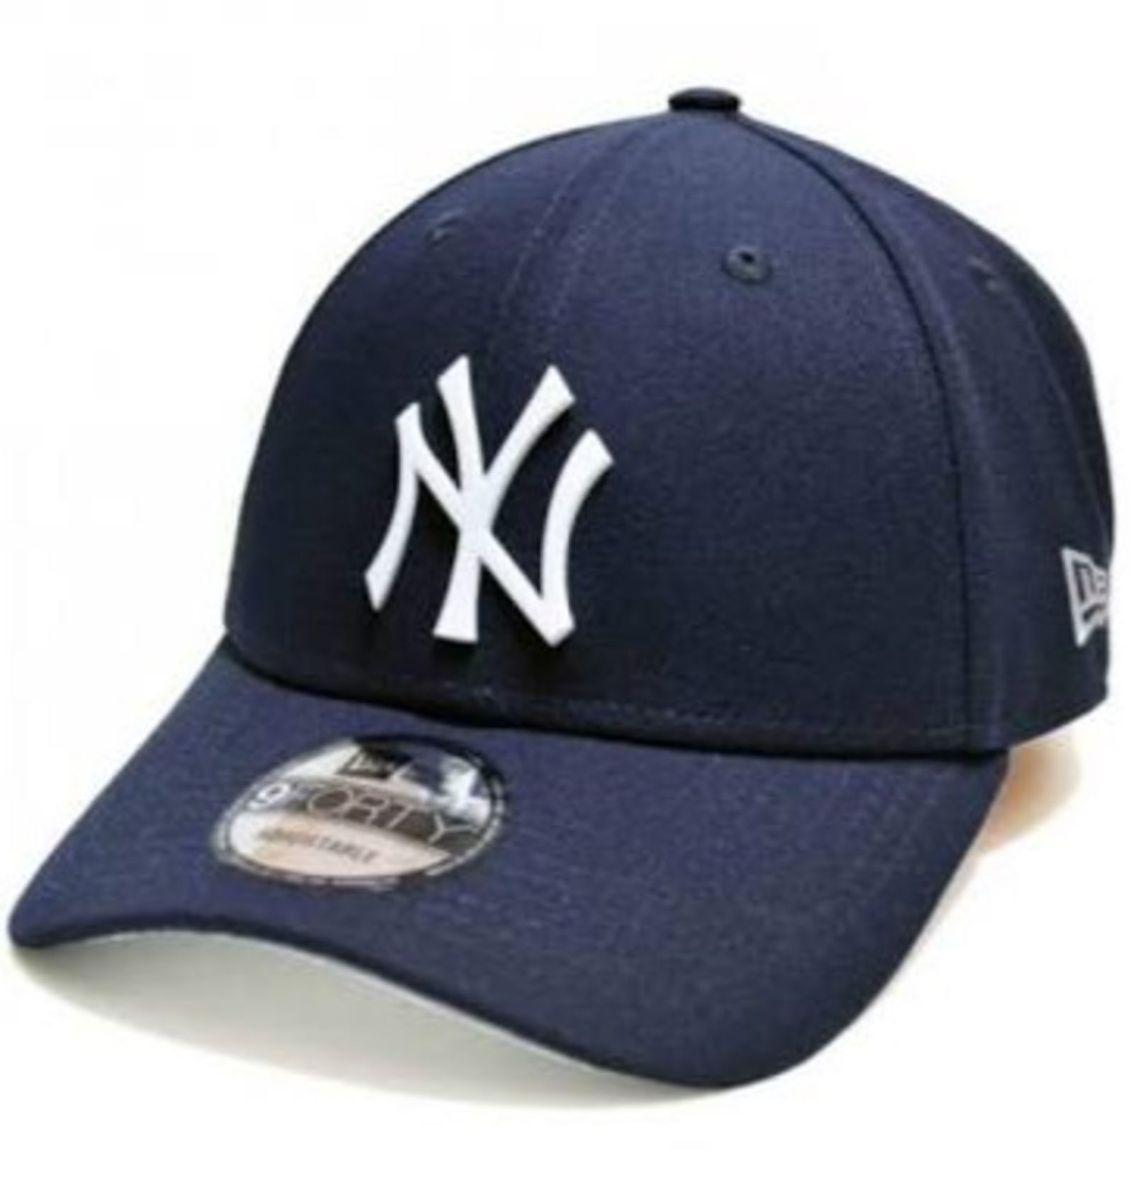 658992099 boné new era ny yankees baseball masculino feminino - chapeu new-era